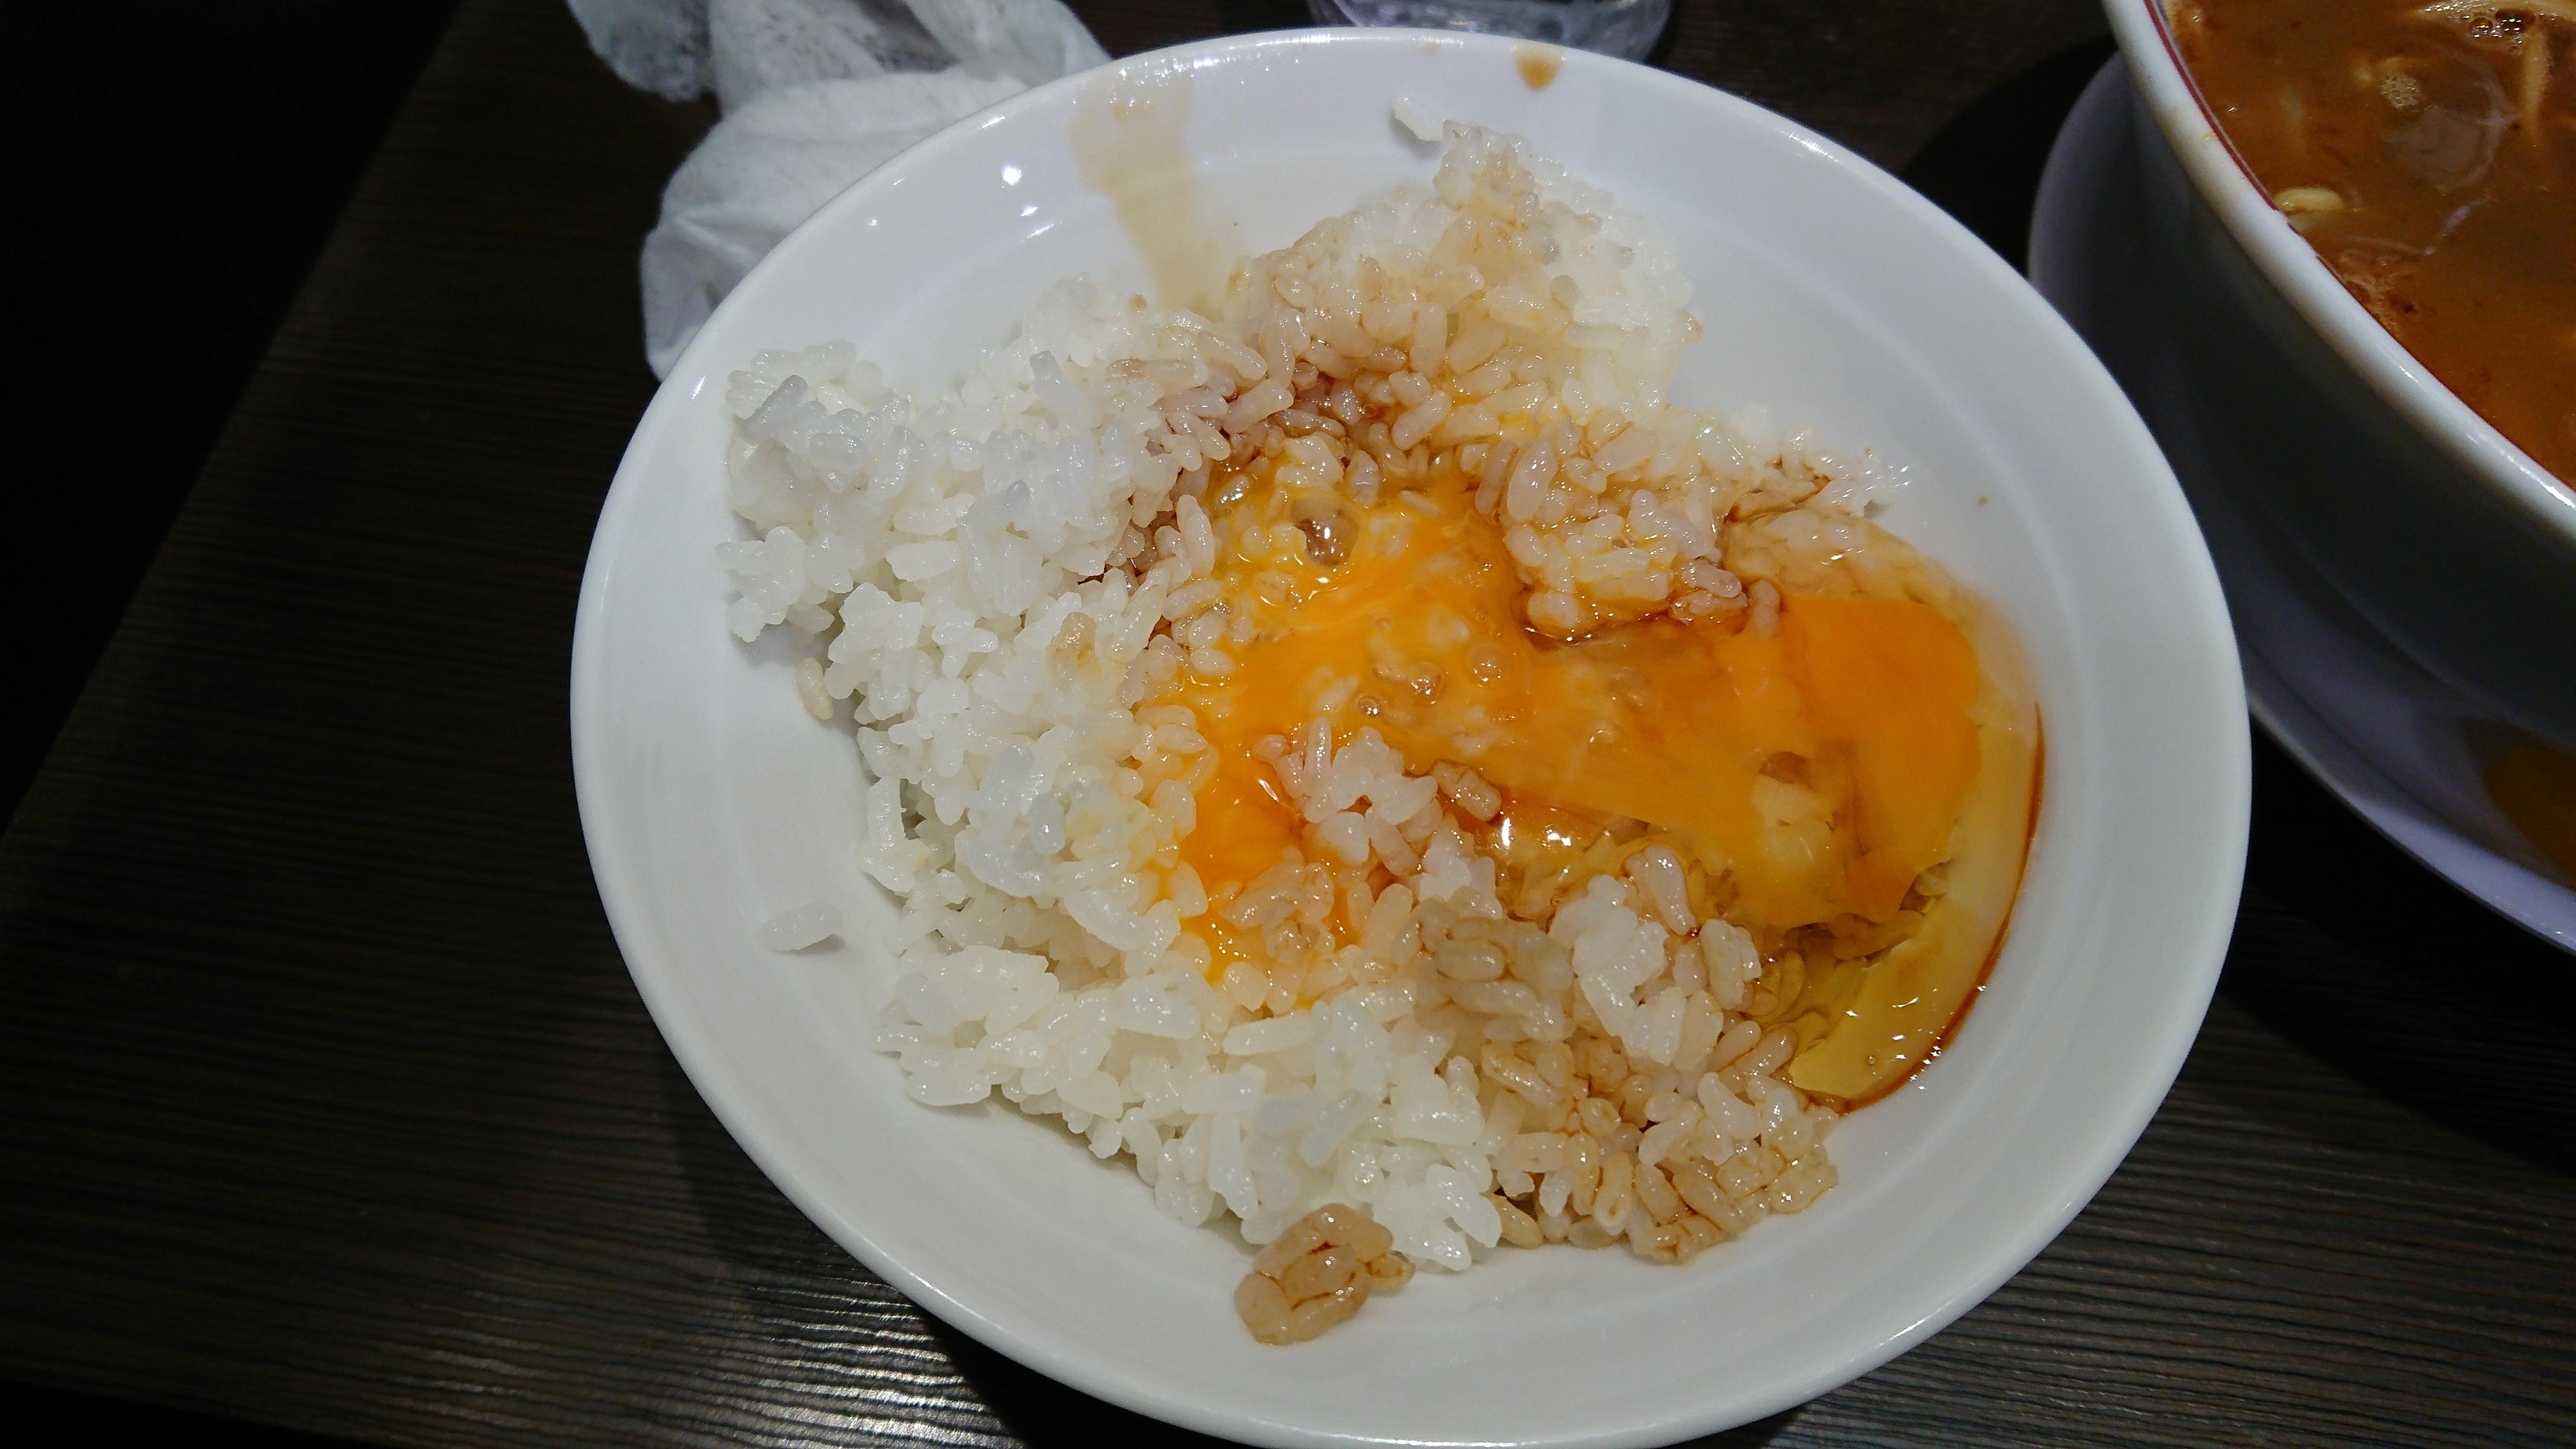 大孫(だいそん)卵かけごはんやってみた